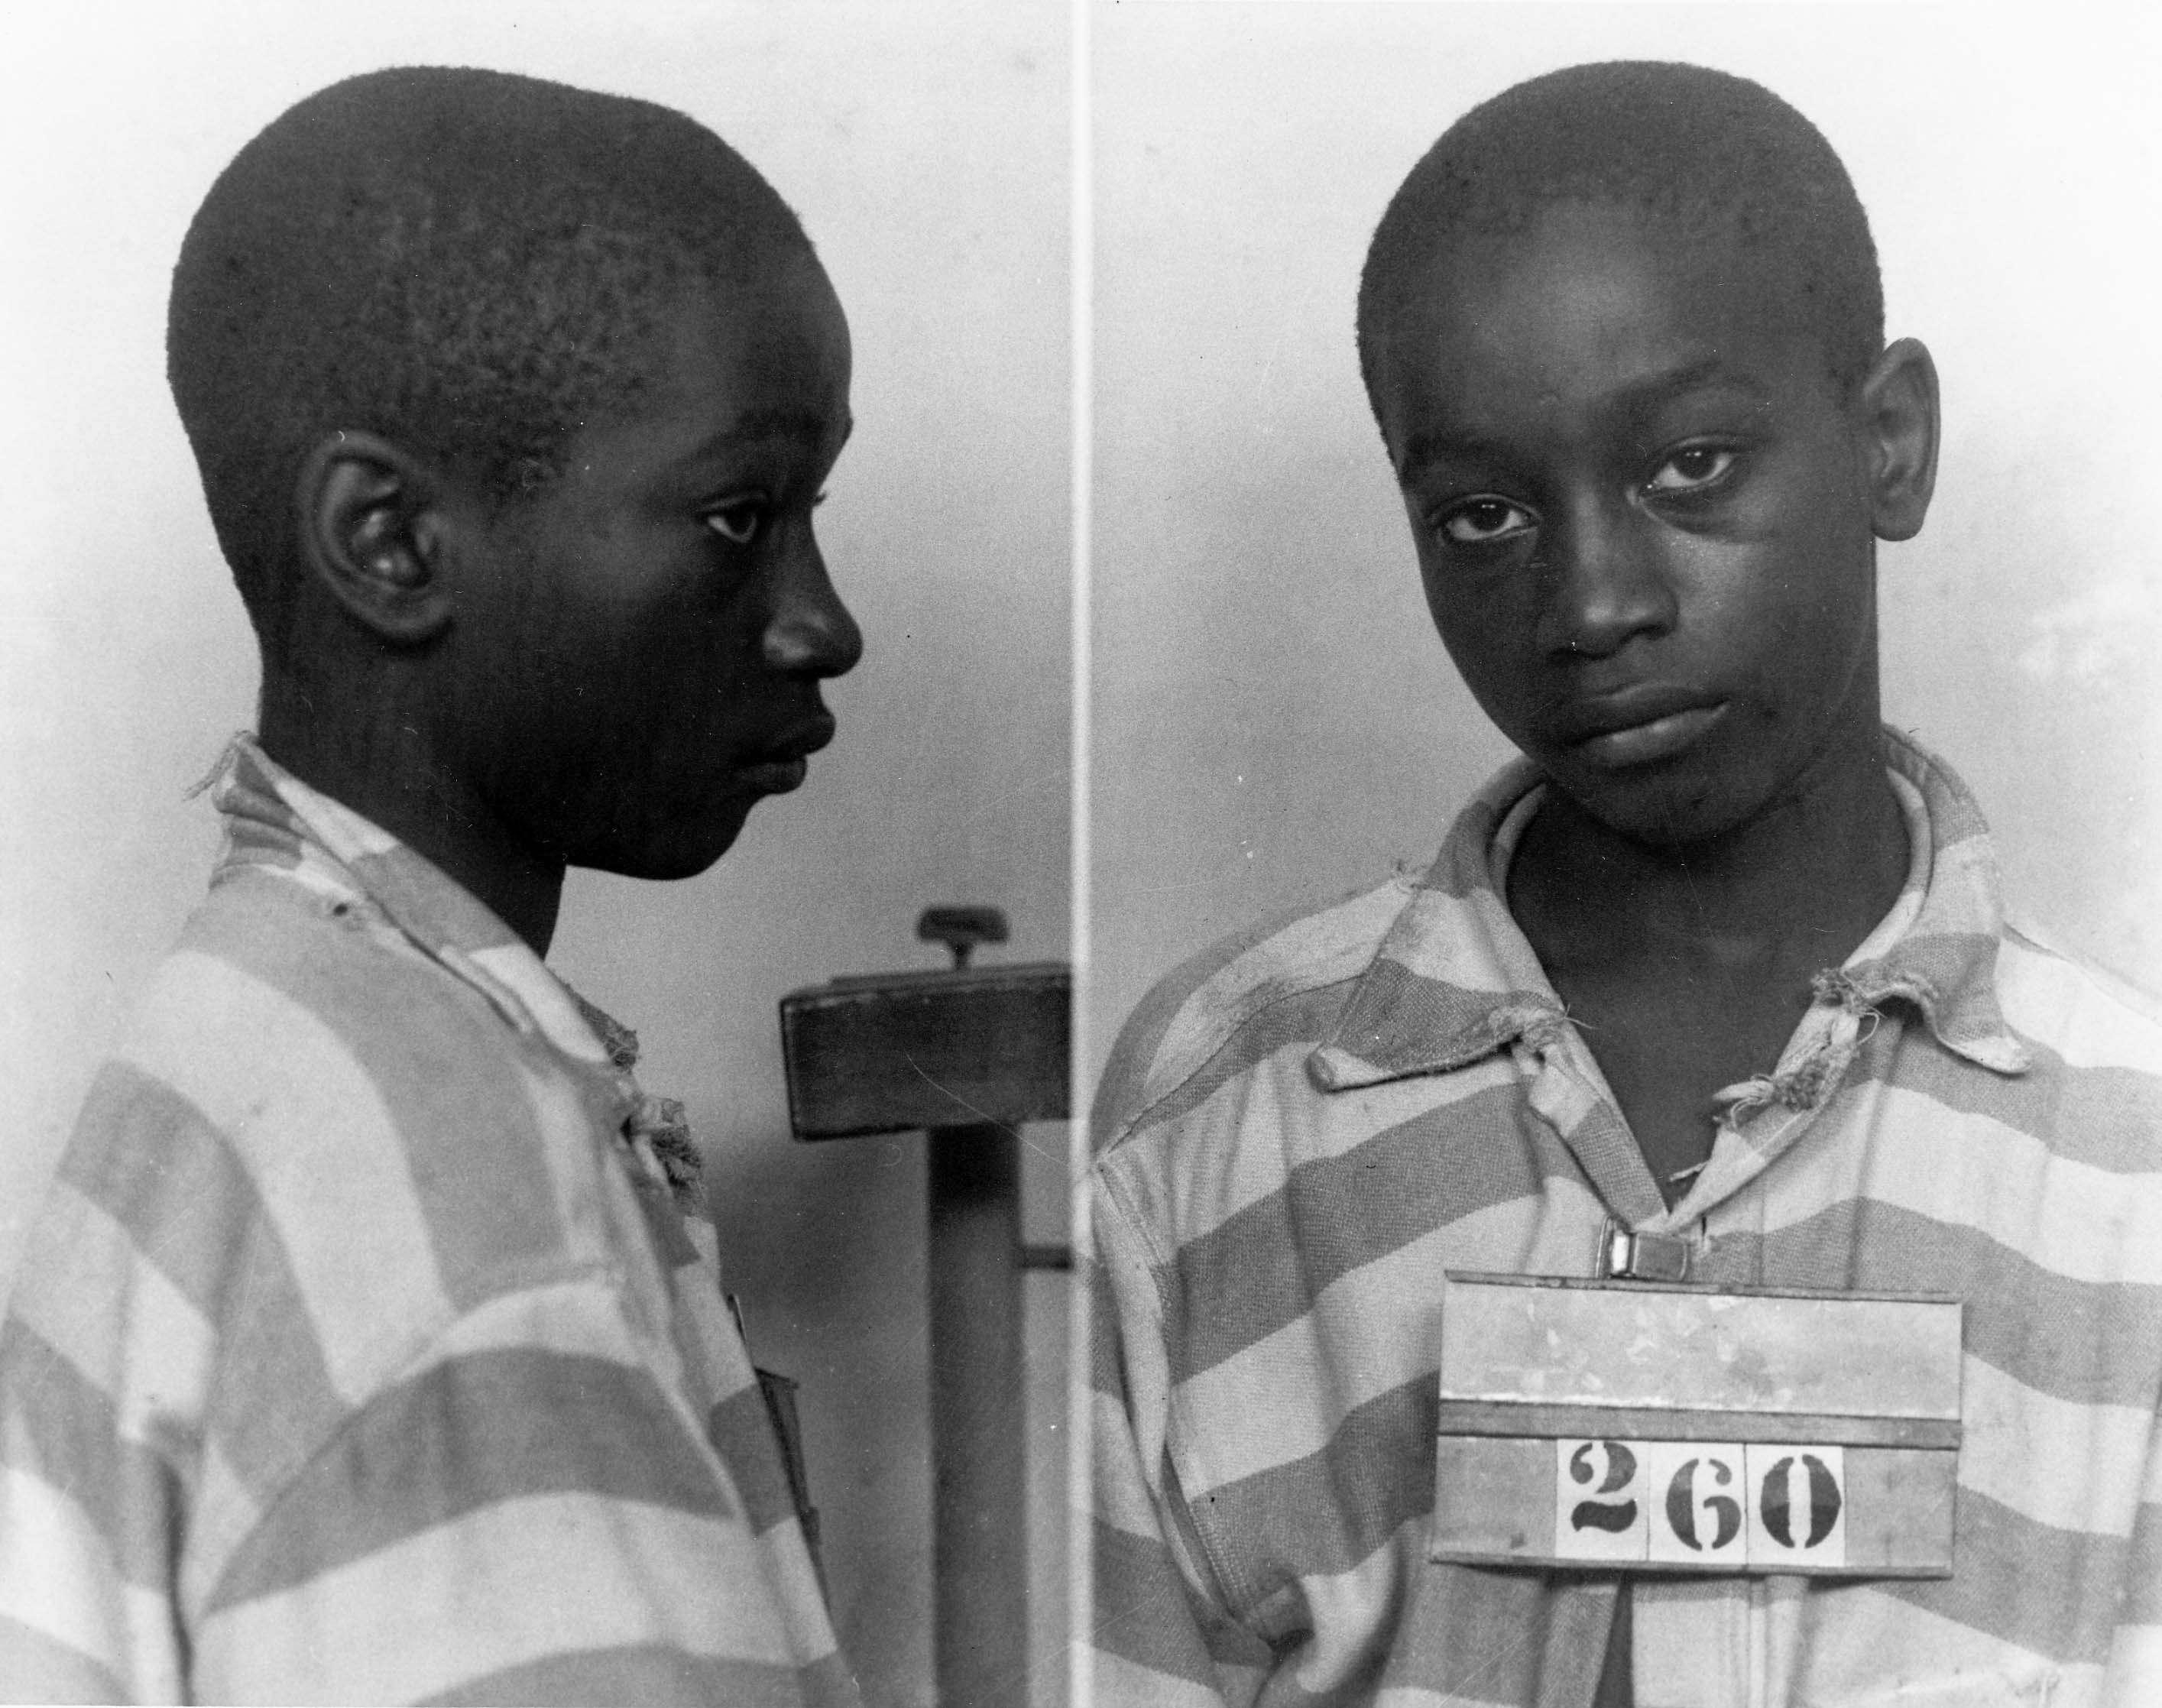 George Stinney tinha 14 anos e pesava apenas 43 quilos quando foi executado pelo assassinato de duas meninas Foto: Departamento de Arquivos e História da Carolina do Sul /Reuters